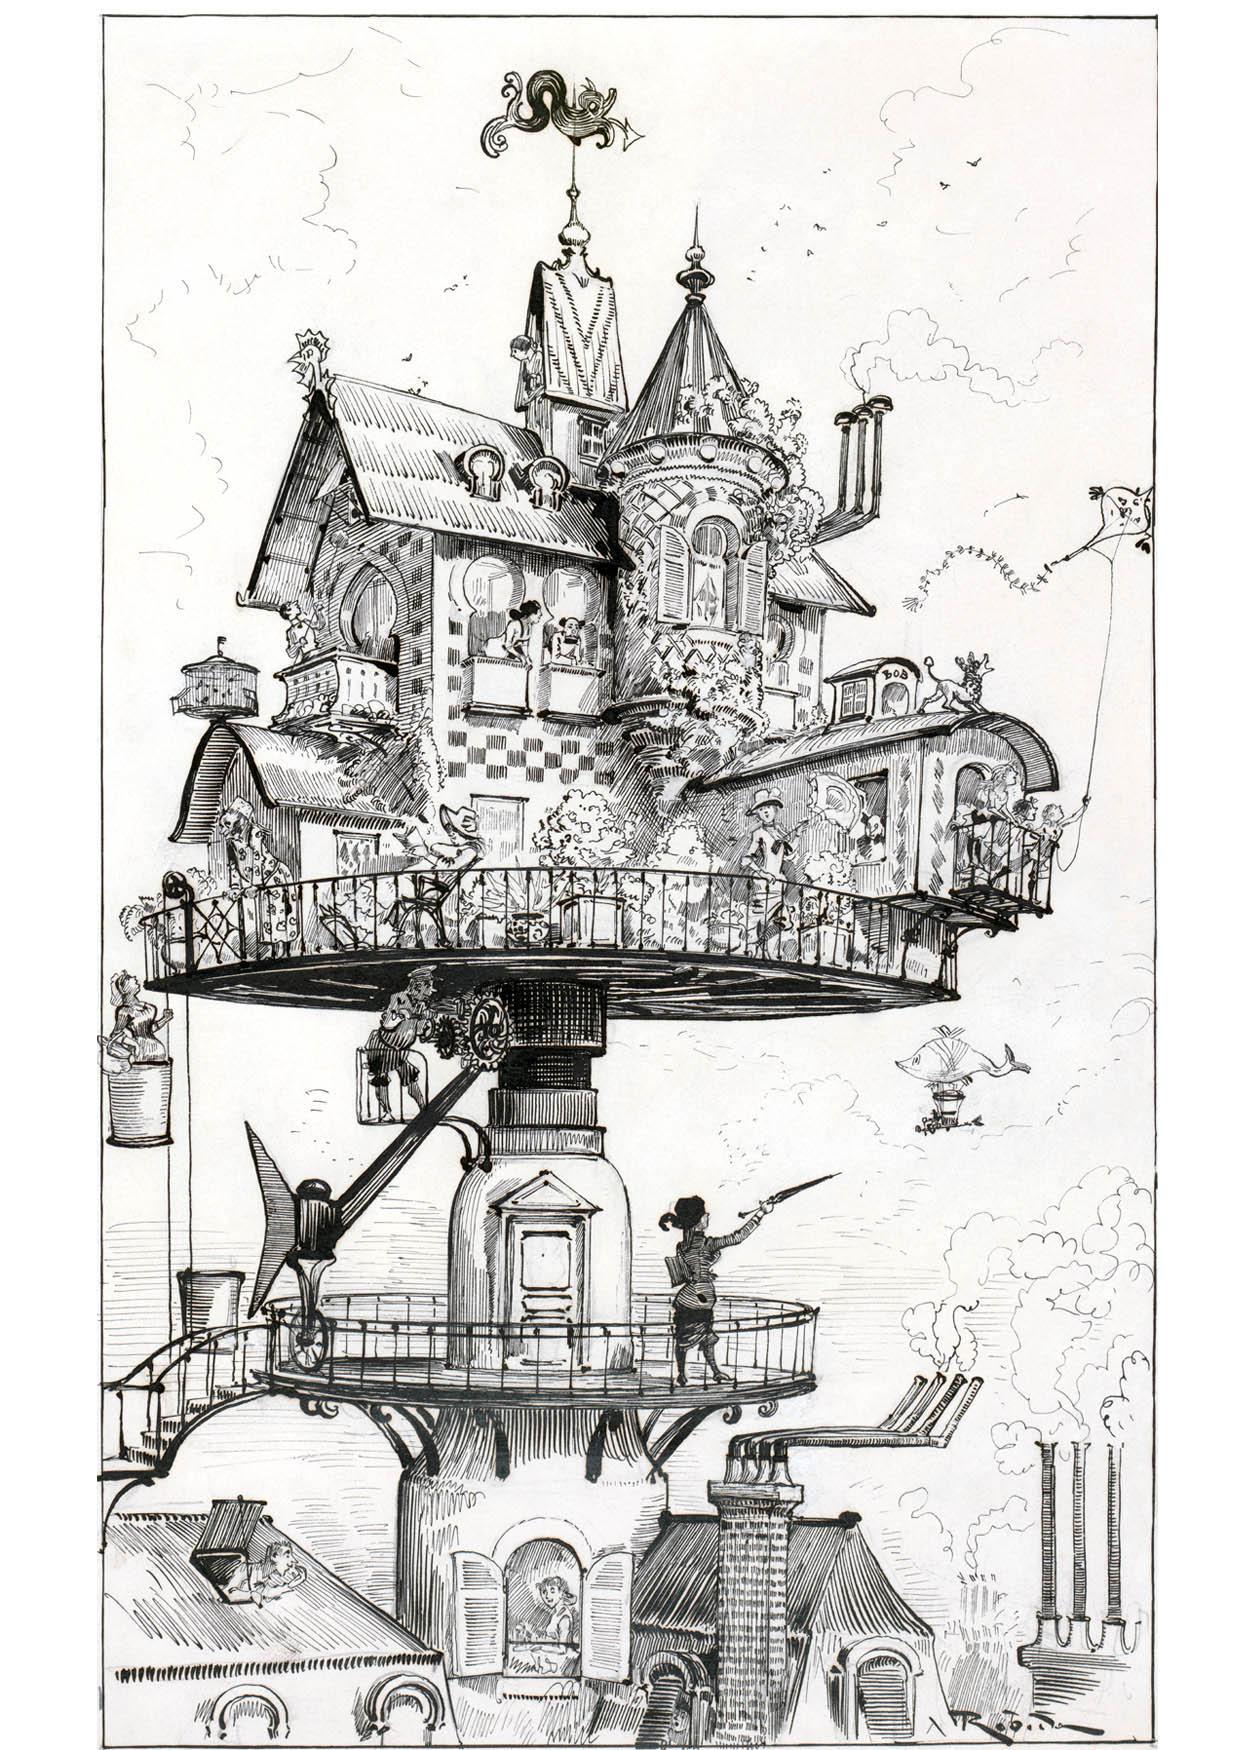 Dibujo para colorear Casa del futuro - 1883 - Img 14777